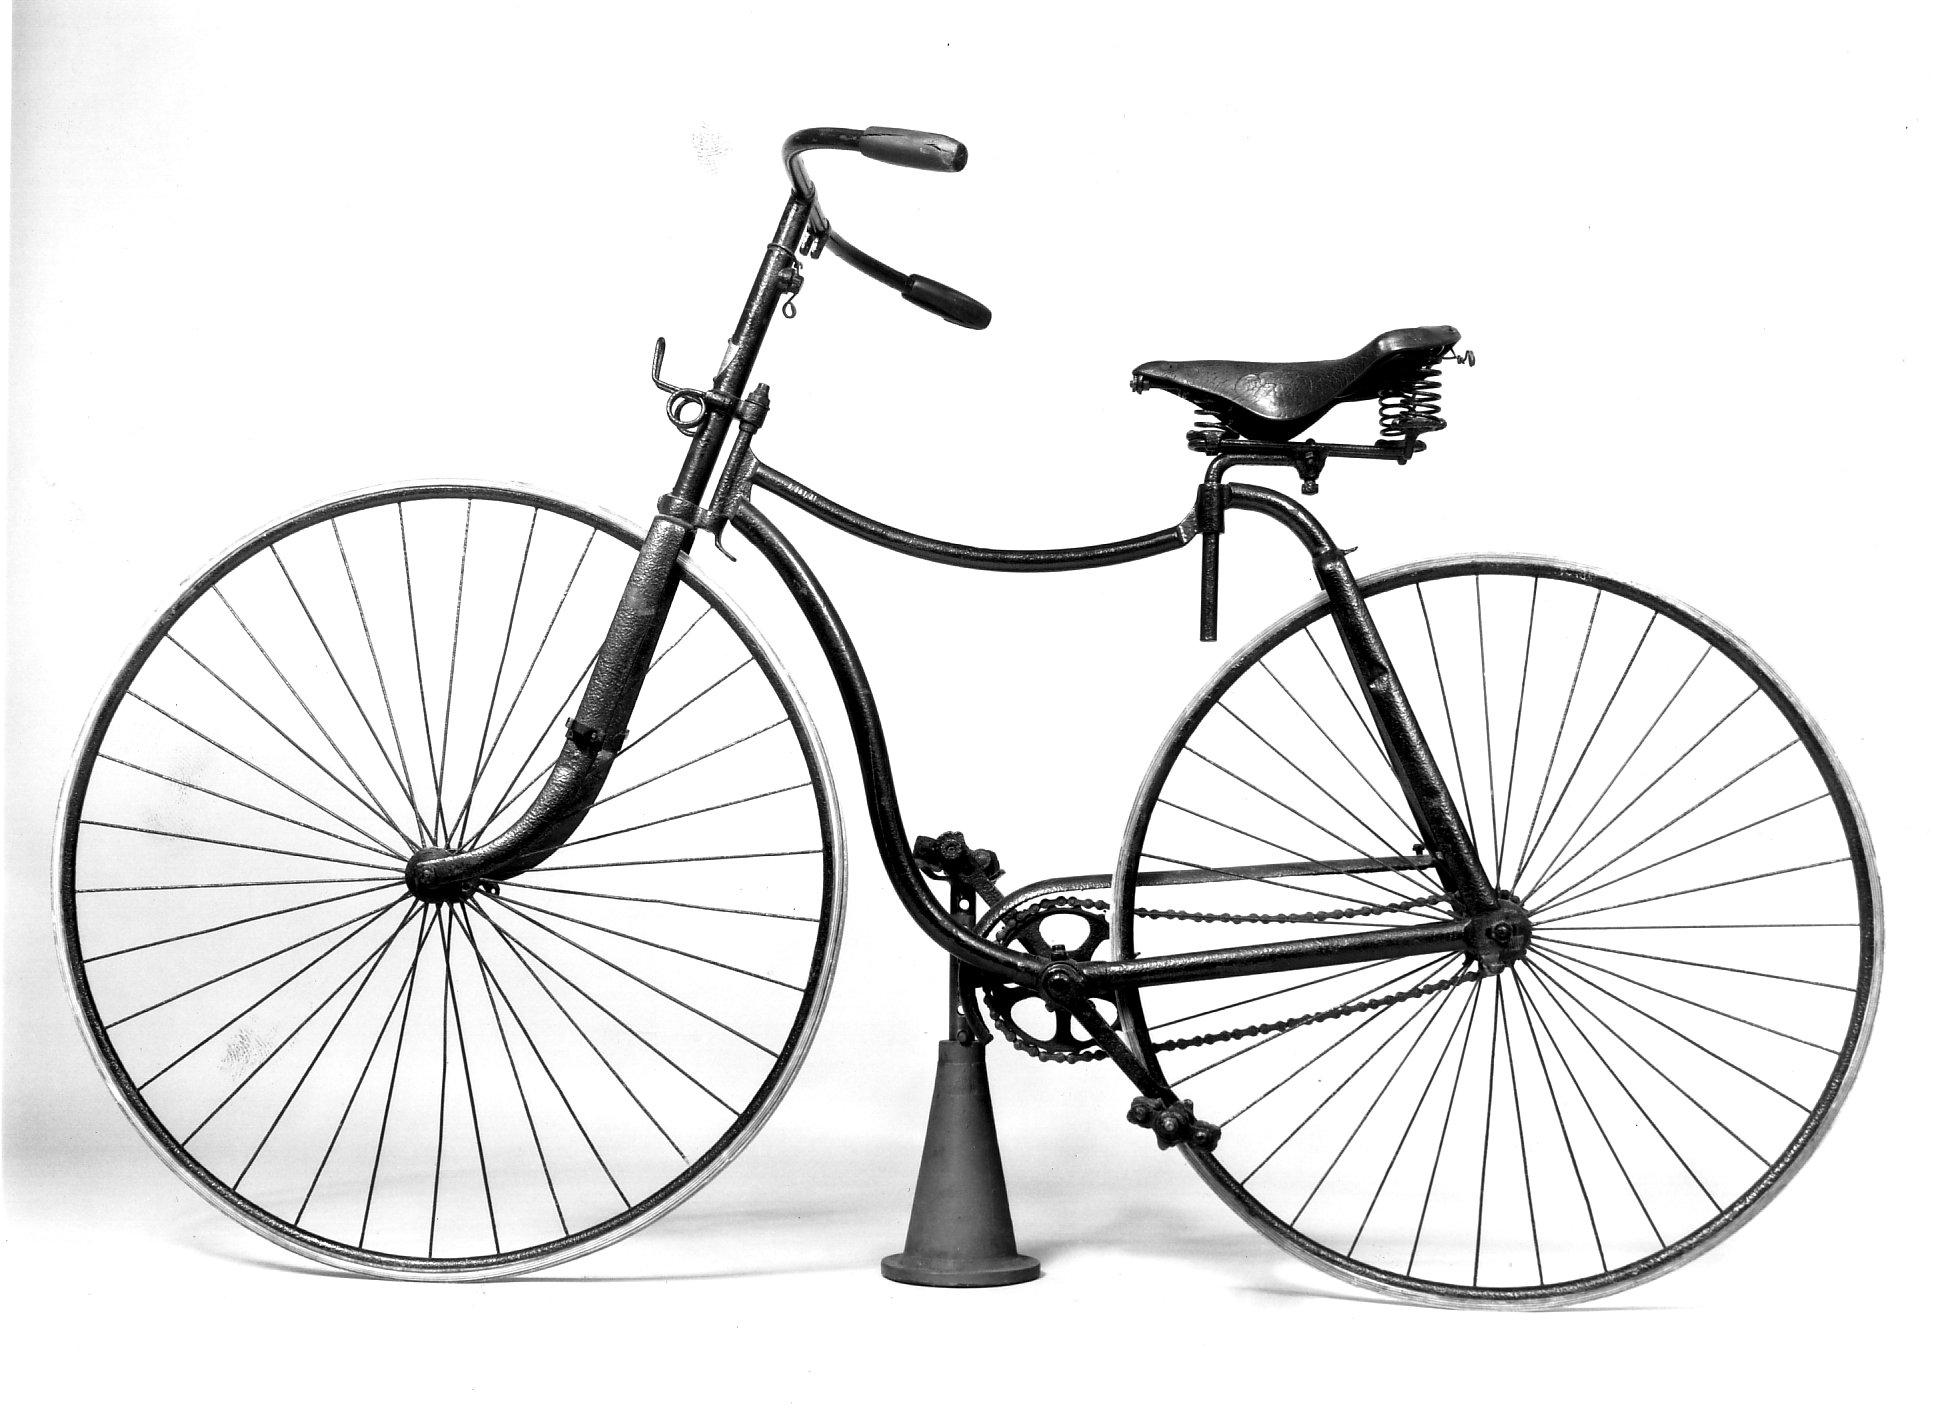 História da bicicleta: tudo sobre rodas